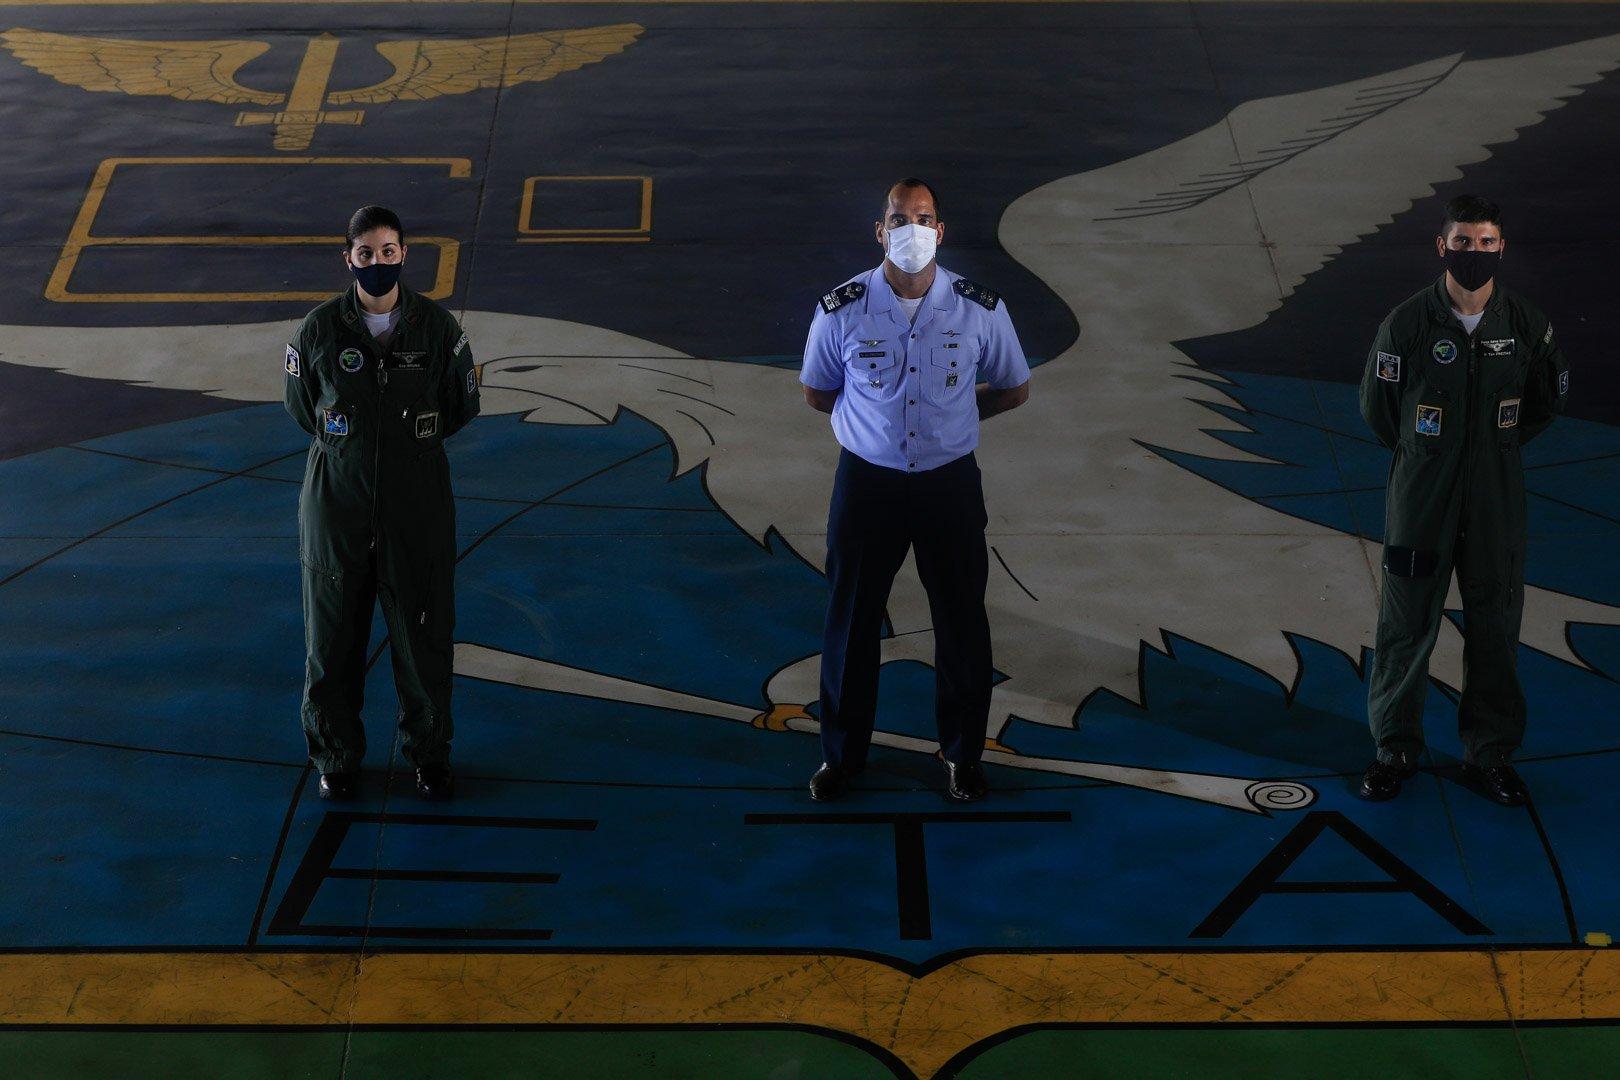 Muitos militares já participaram de missões durante a pandemia